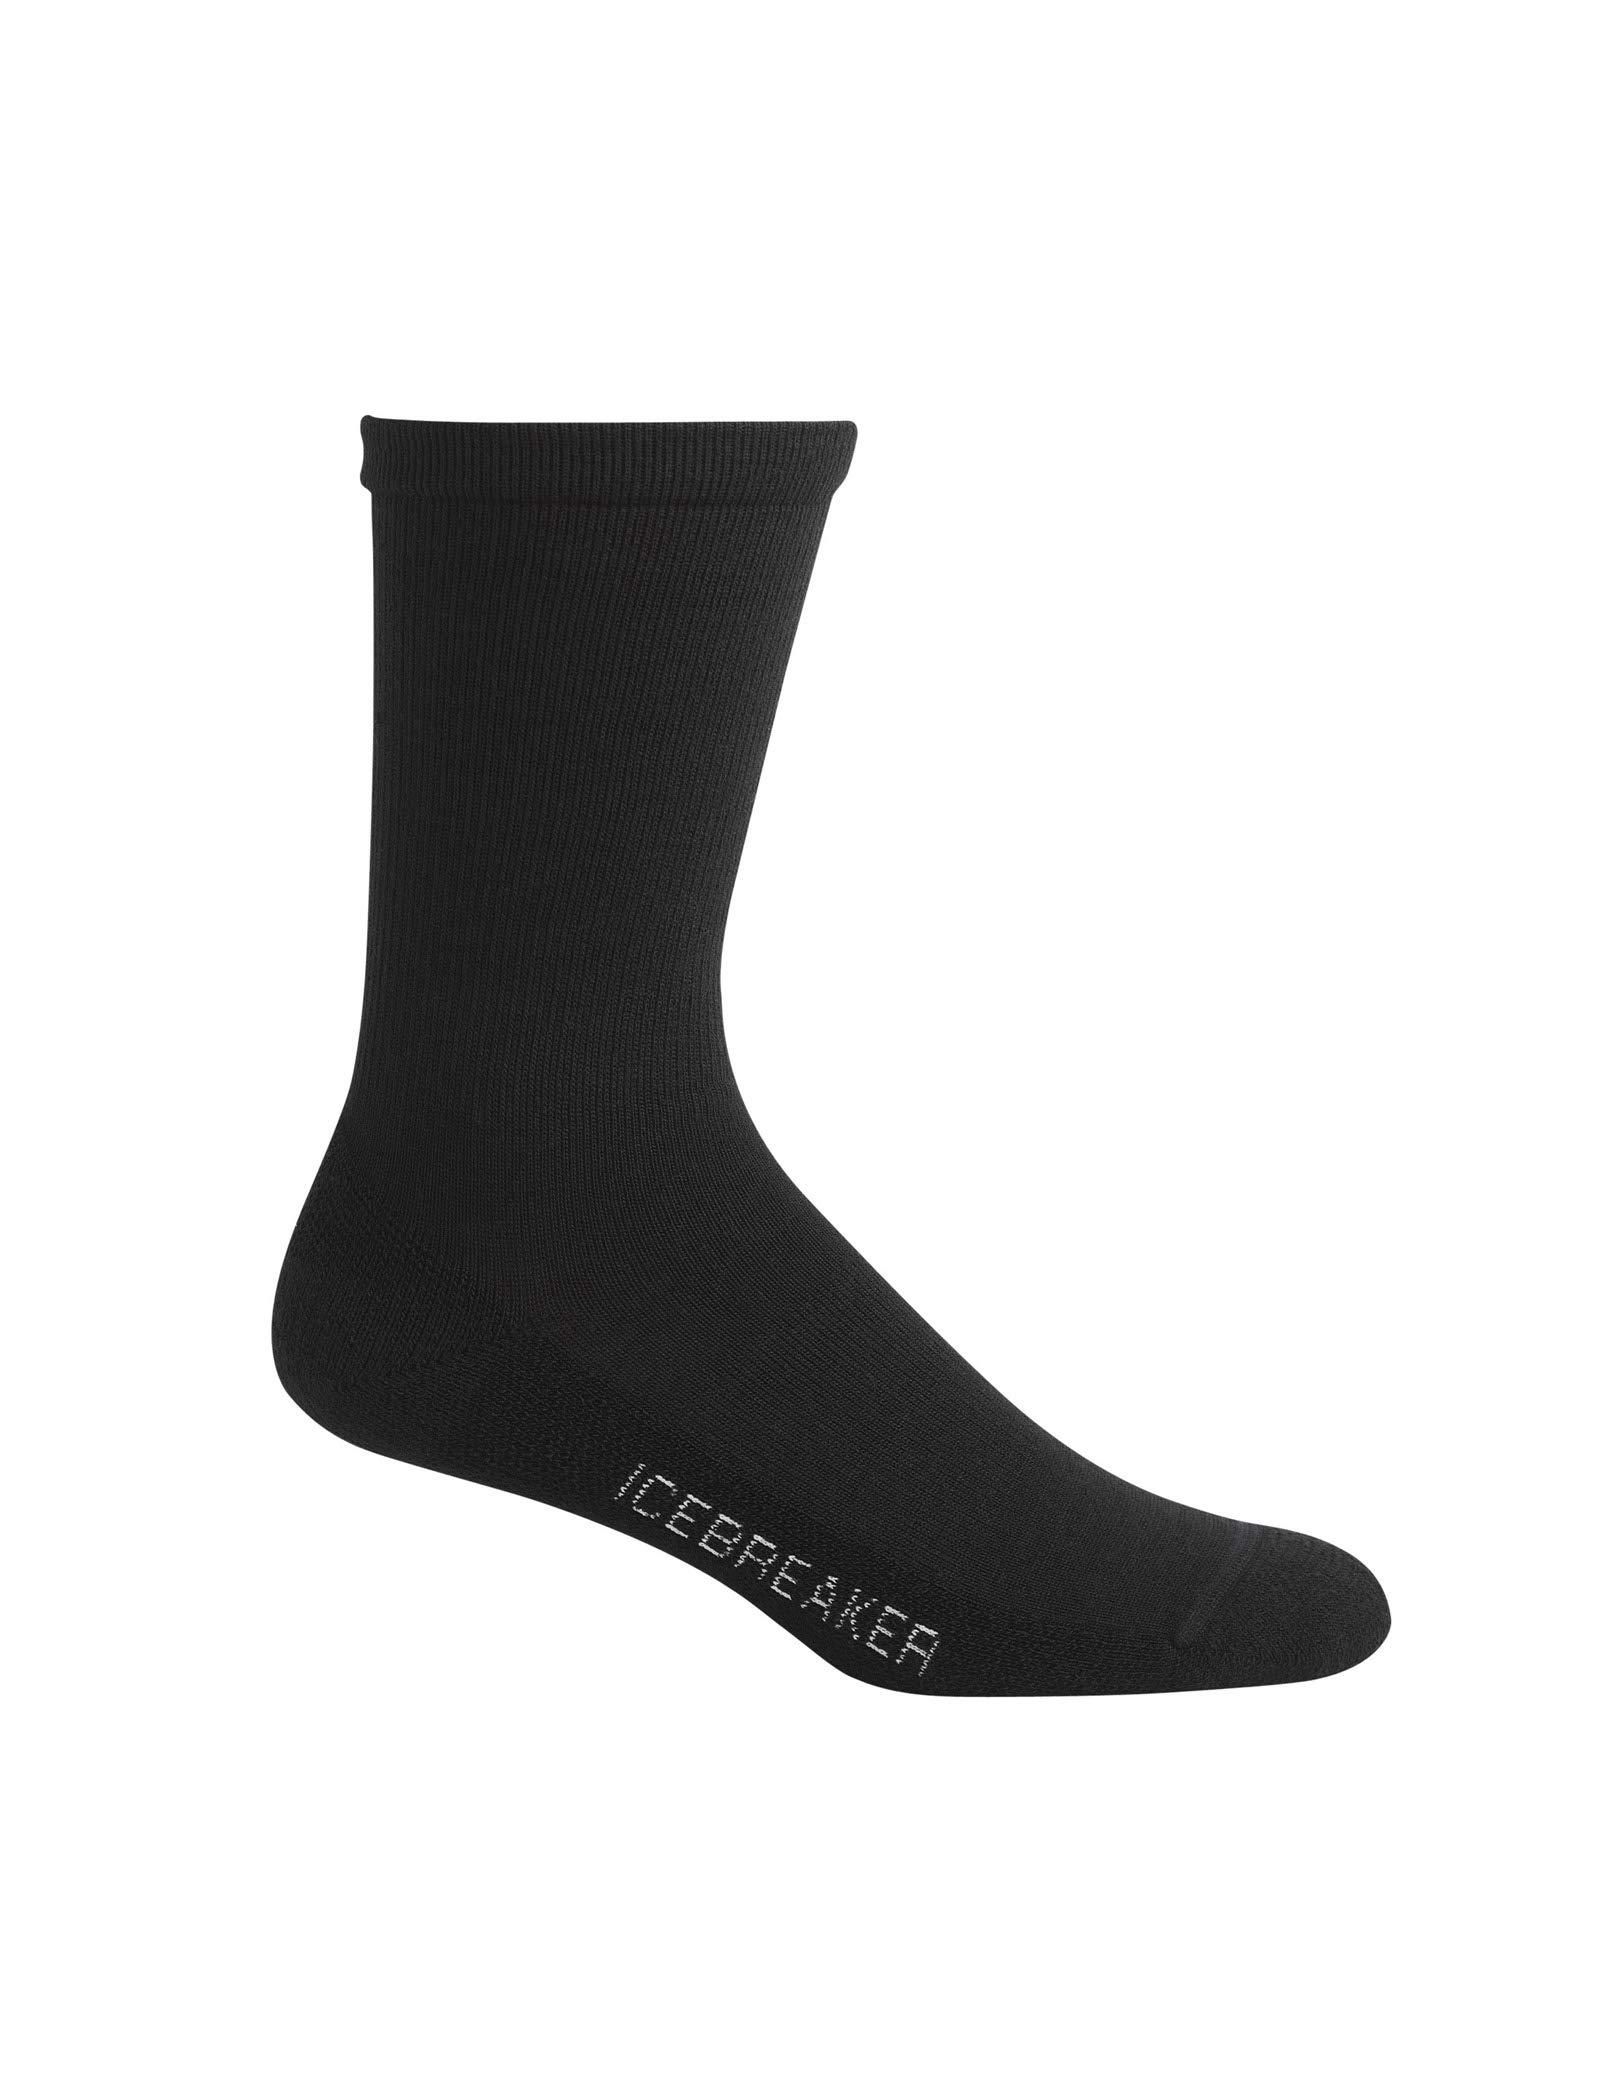 Icebreaker Herren Socken Lifestyle Ultra Light Crew, Black, L, 101285001